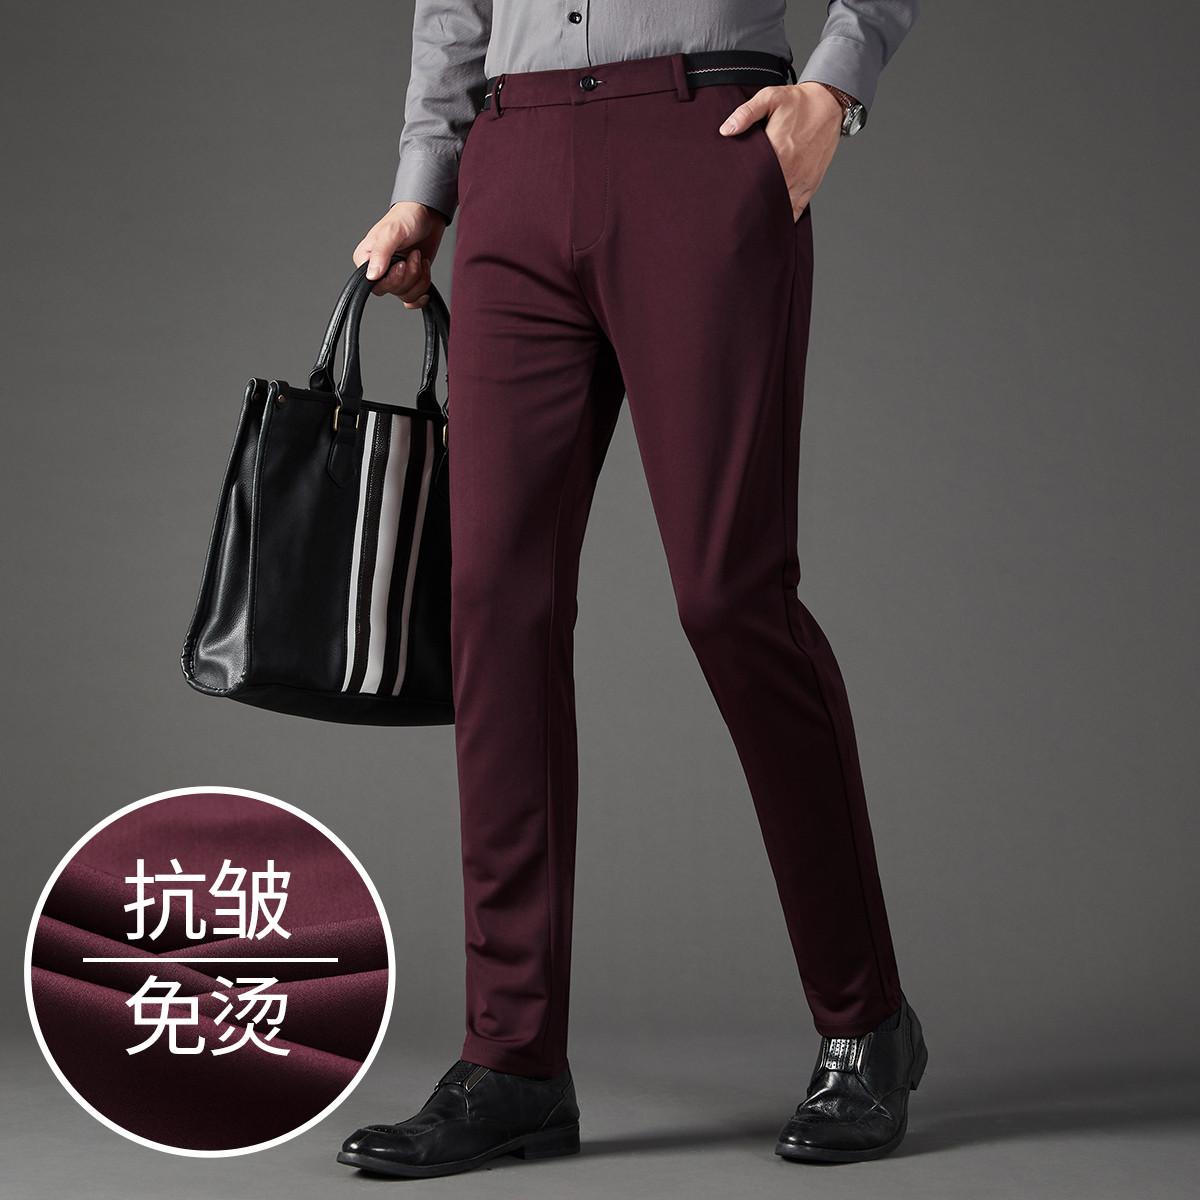 富铤【挺括保暖】2019新款男士休闲长裤经典纯色商务版型男式西裤F256409327753